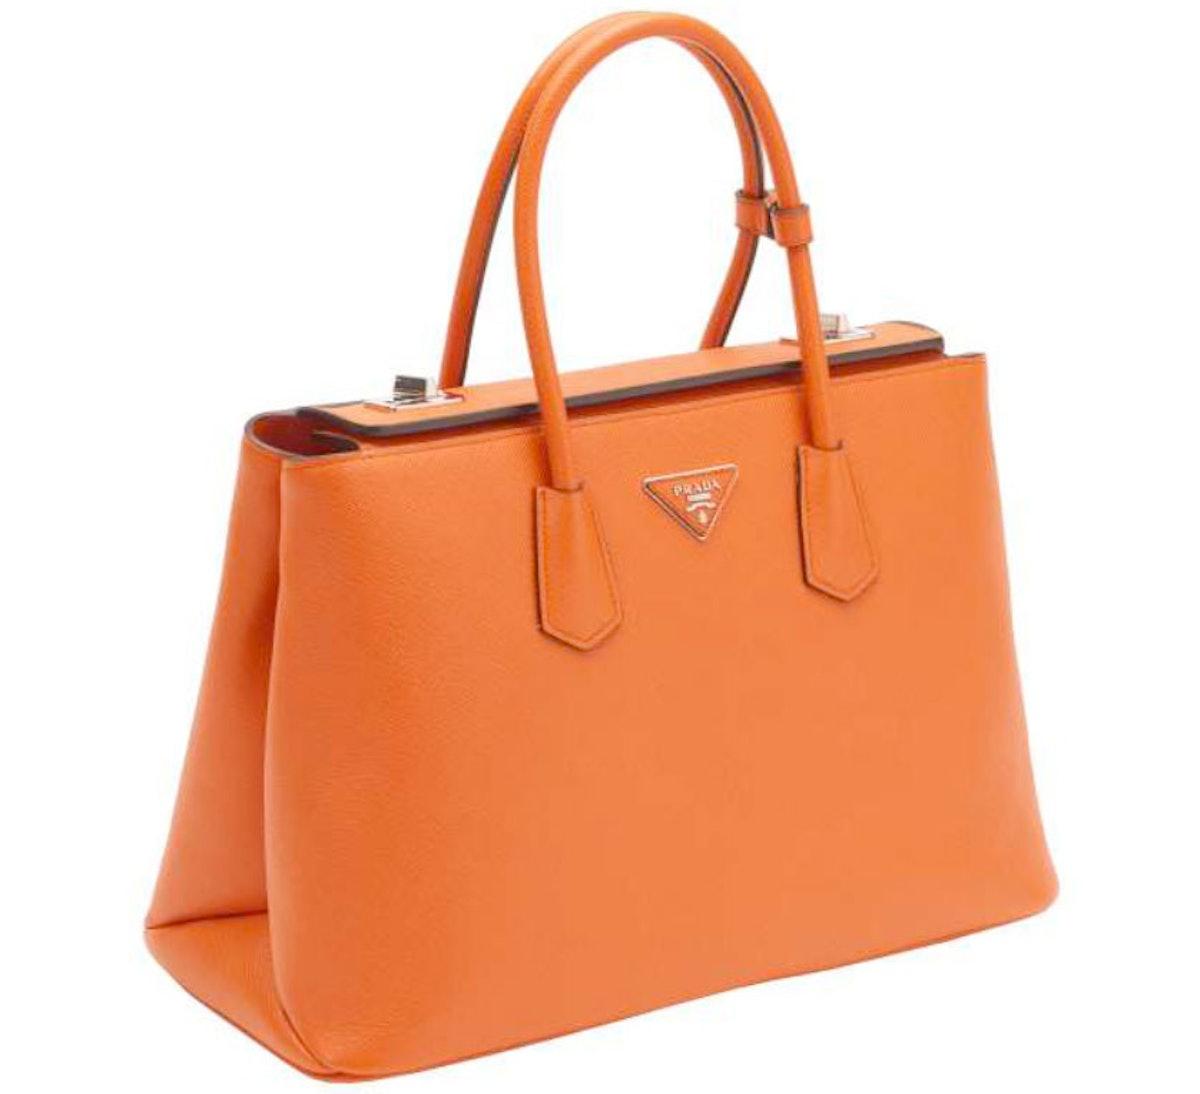 More fun for Broncos fans—or Prada fans. *Prada Twin Bag, $2950, [prada.com](http://store.prada.com/en/US/woman/handbags/totes/BN2748_2A4A_F0S73).*